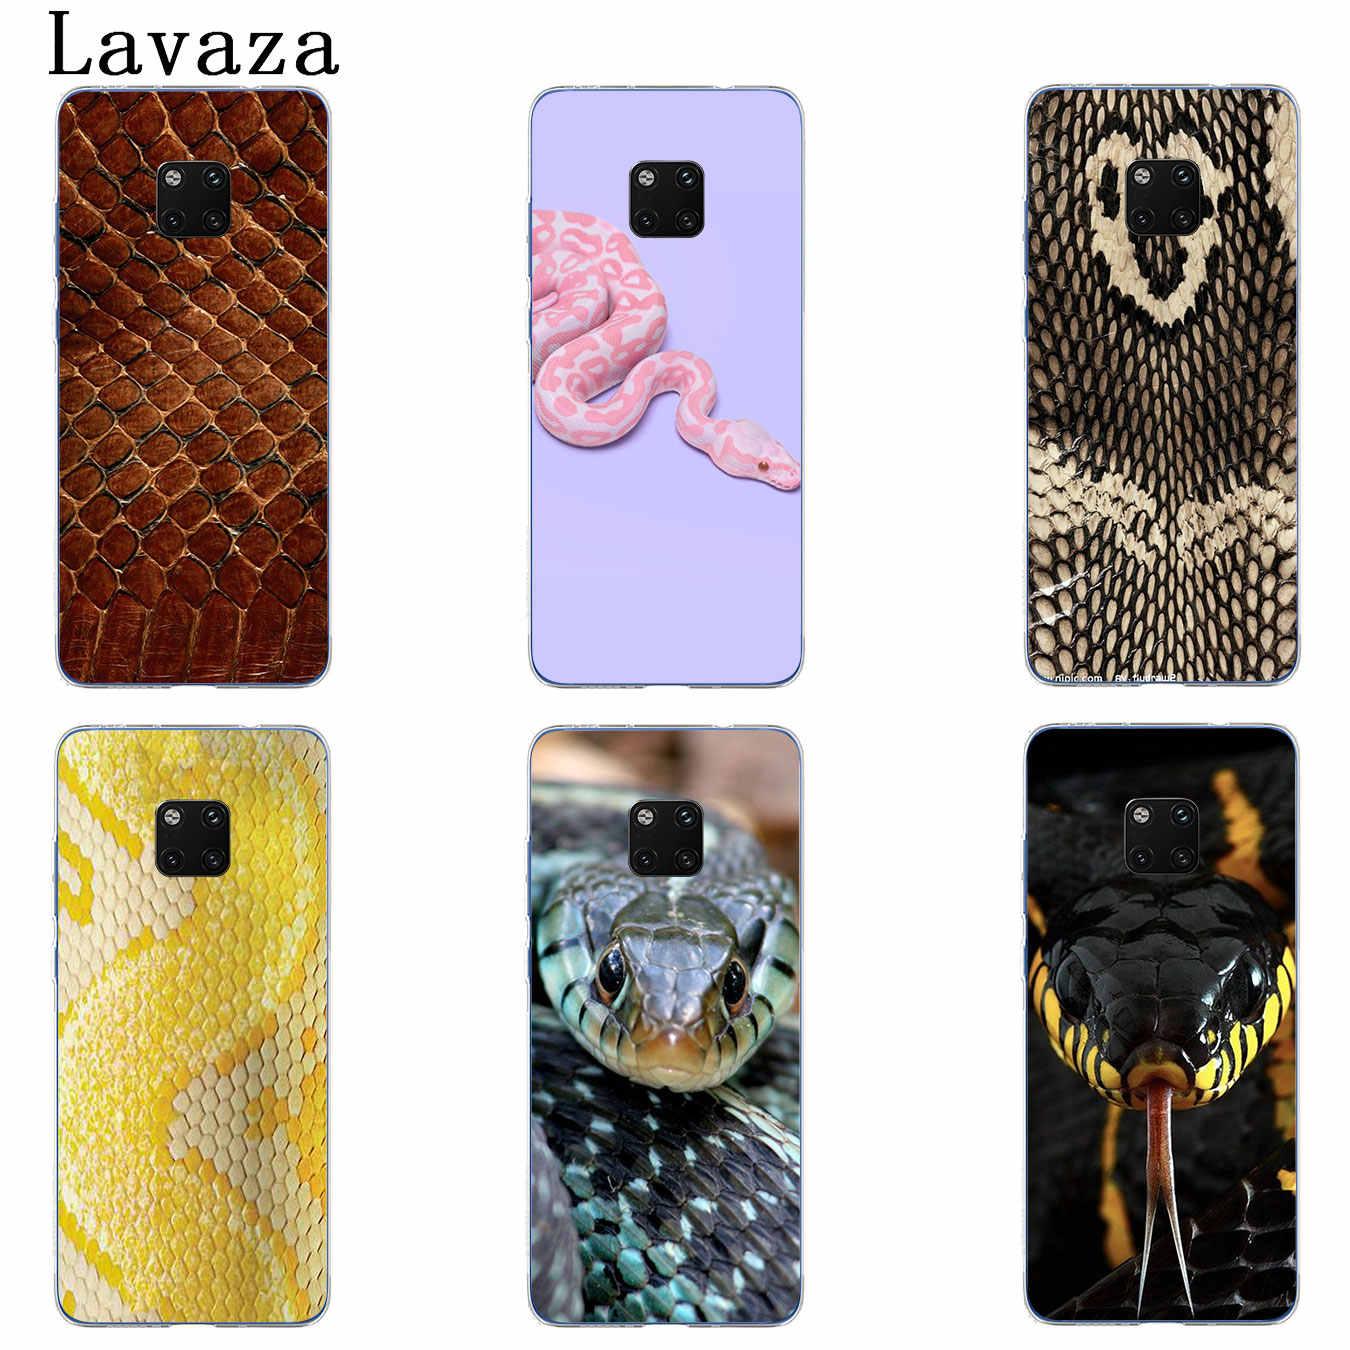 Розовый кожаный чехол для телефона Lavaza со змеиным чешуей для Huawei Mate 30 20 Pro 10 Lite Y6 Prime Nova 5I 4 3i 3 2i 2 Lite